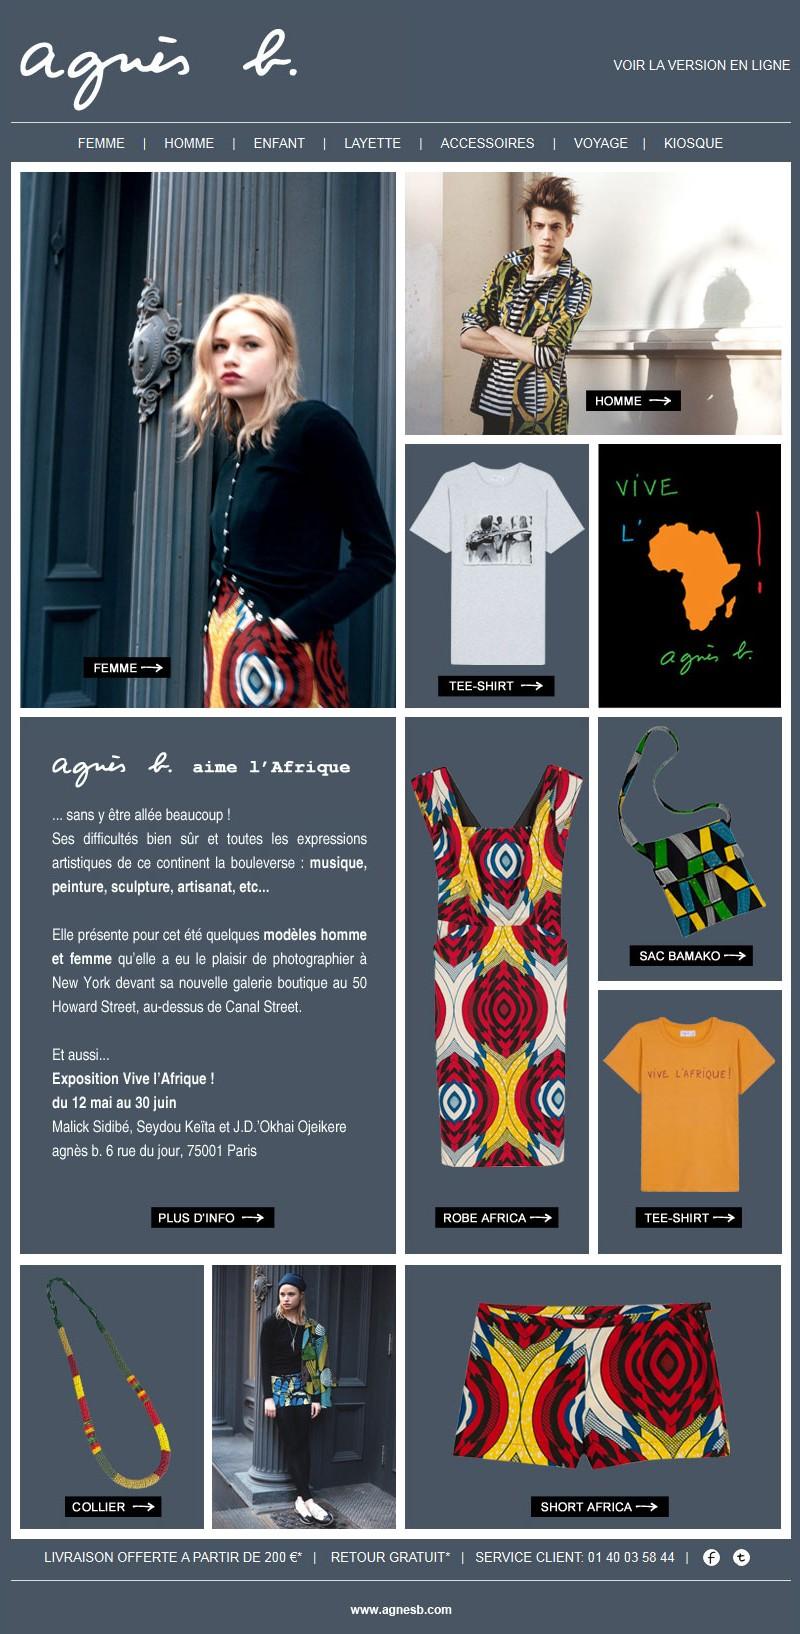 Newsletter Agnes b 10.05.2012